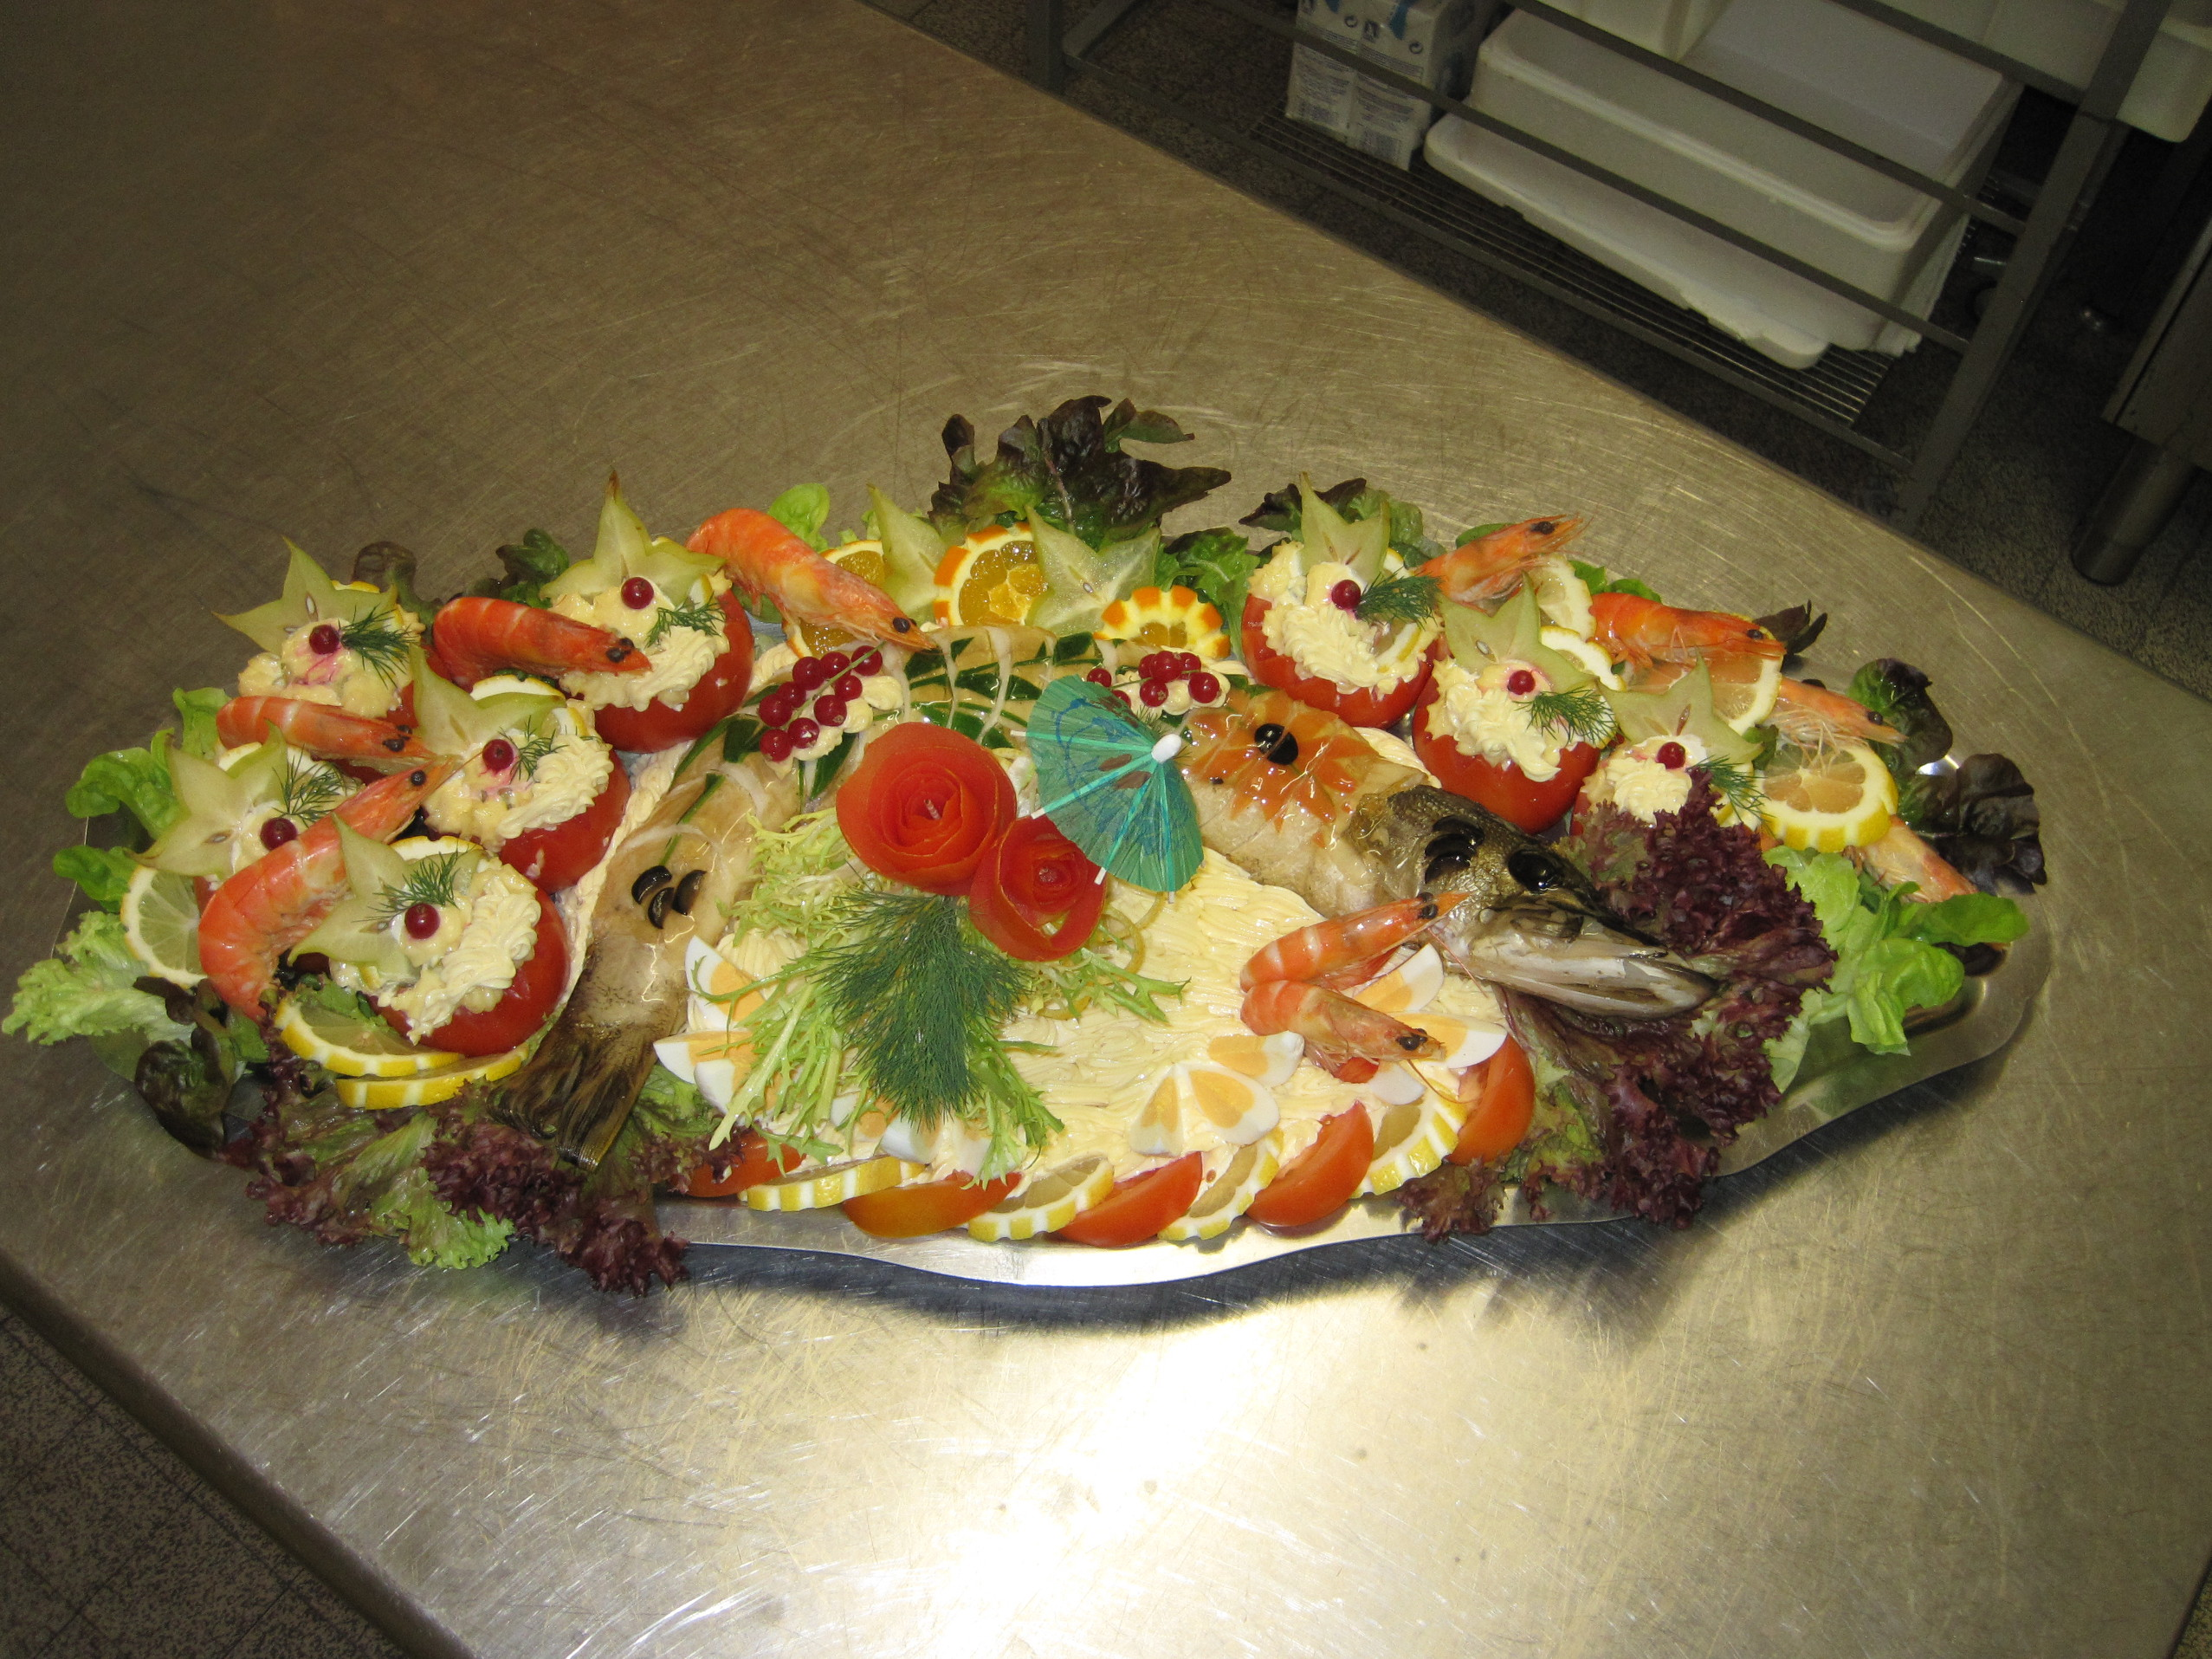 Poissons froids recontit s pour vos repas charcutier for Prix entree poisson rouge wintzenheim